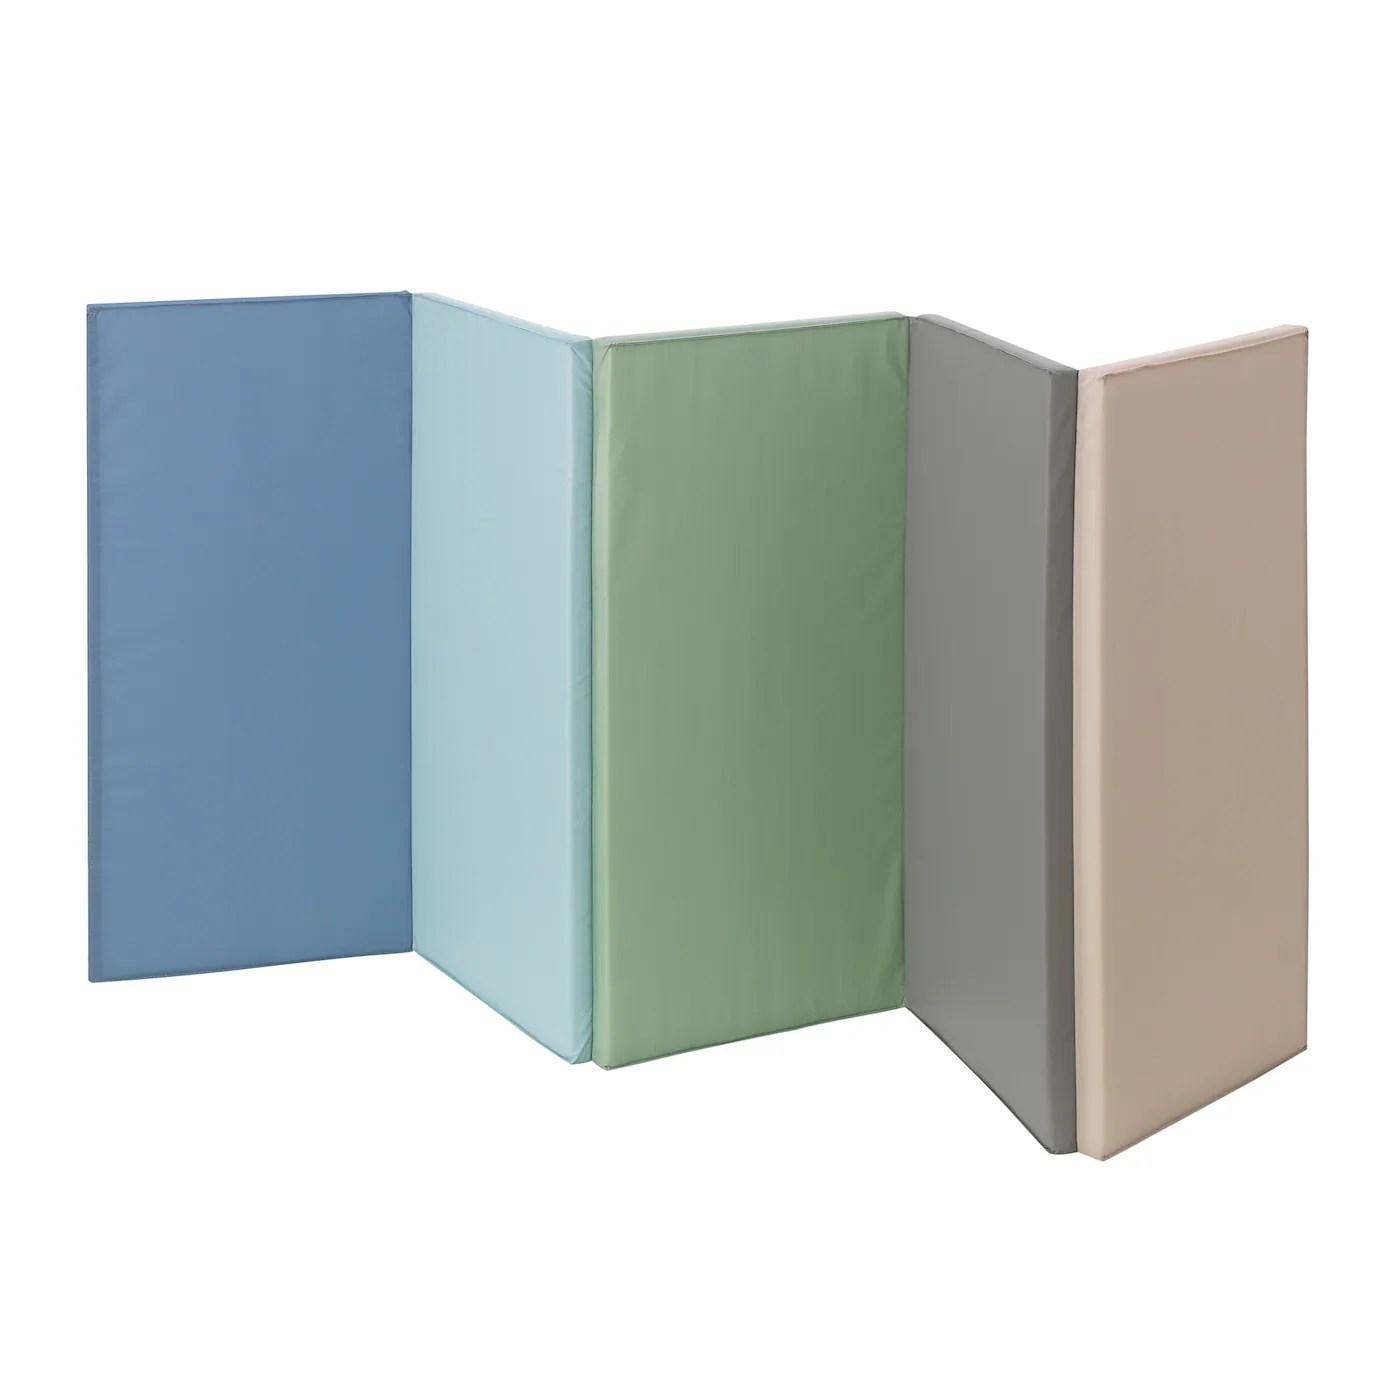 plufsig tapis de gymnastique pliant bleu 78x185 cm